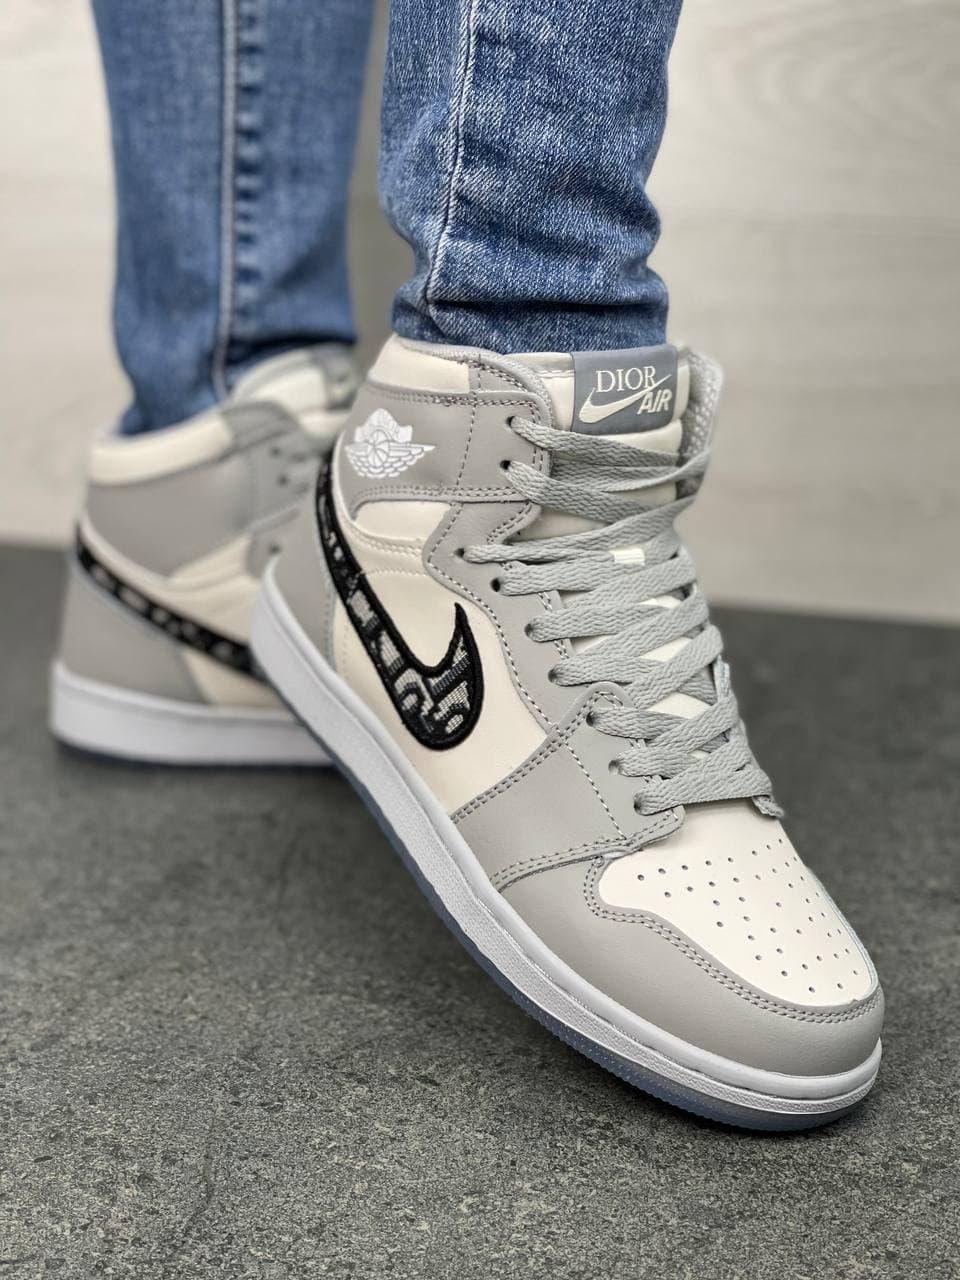 Жіночі кросівки Nk Air Jordan 1 High х Dior Gray